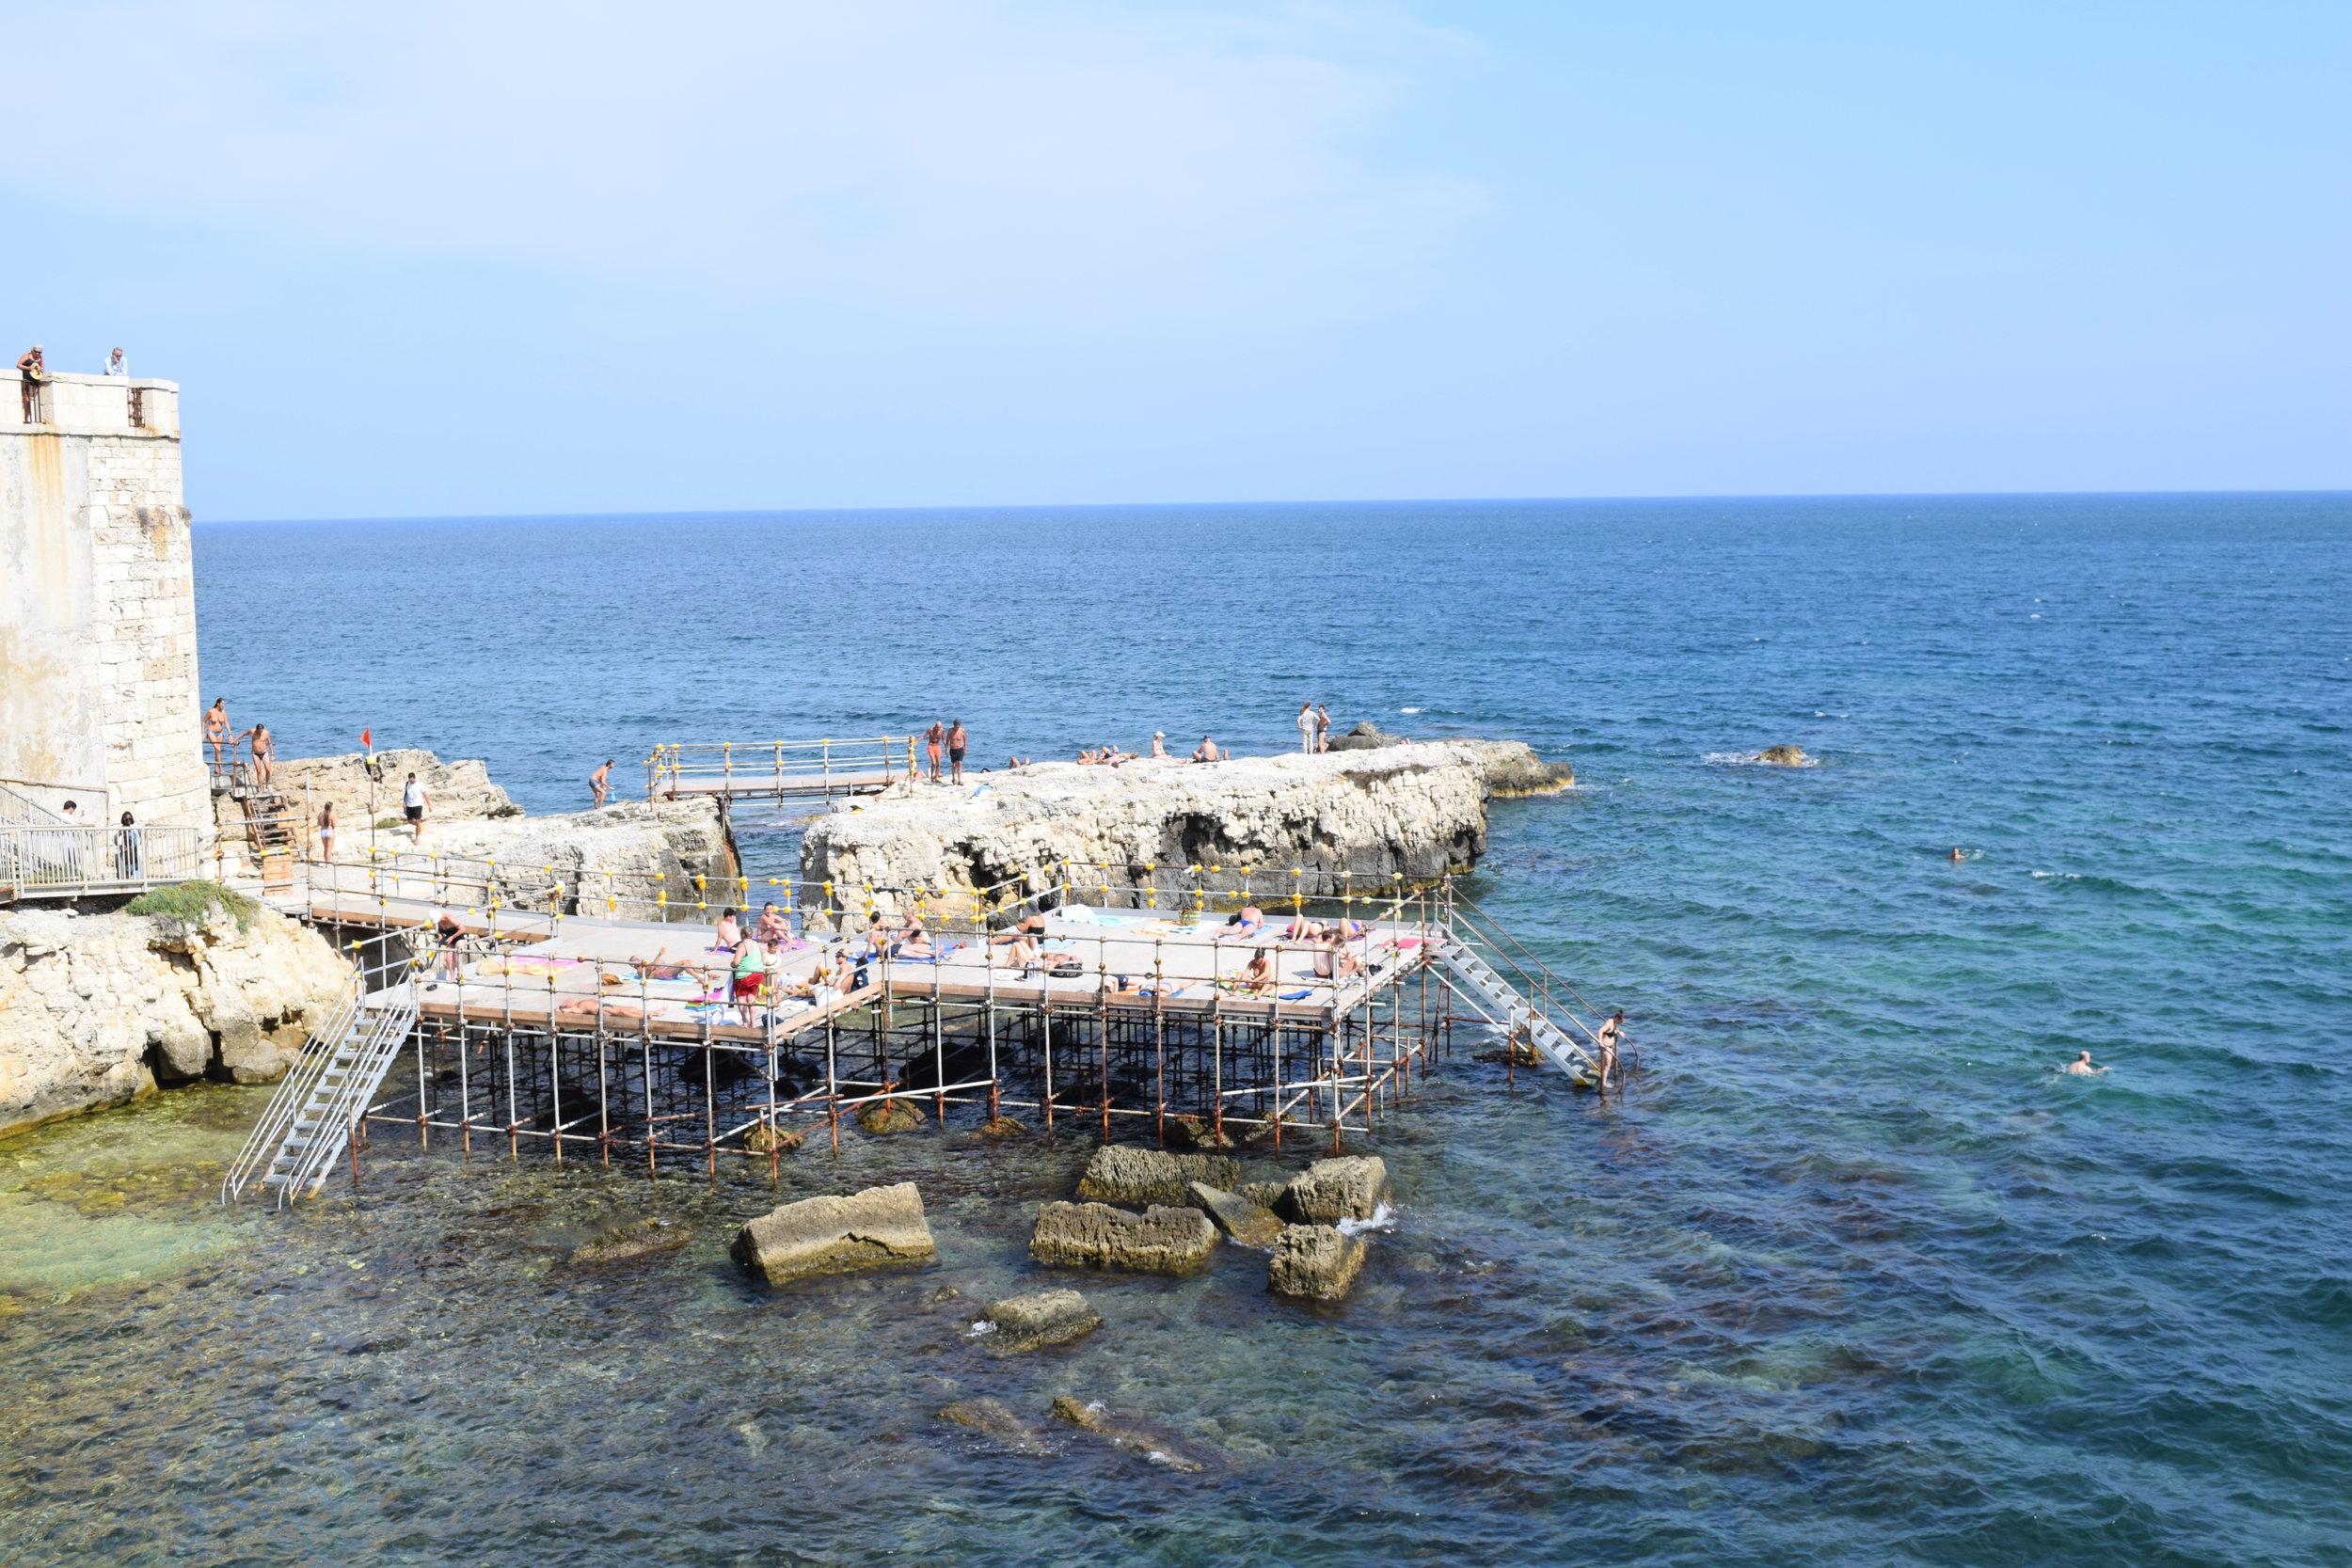 A platform that serves as a beach in Ortigia